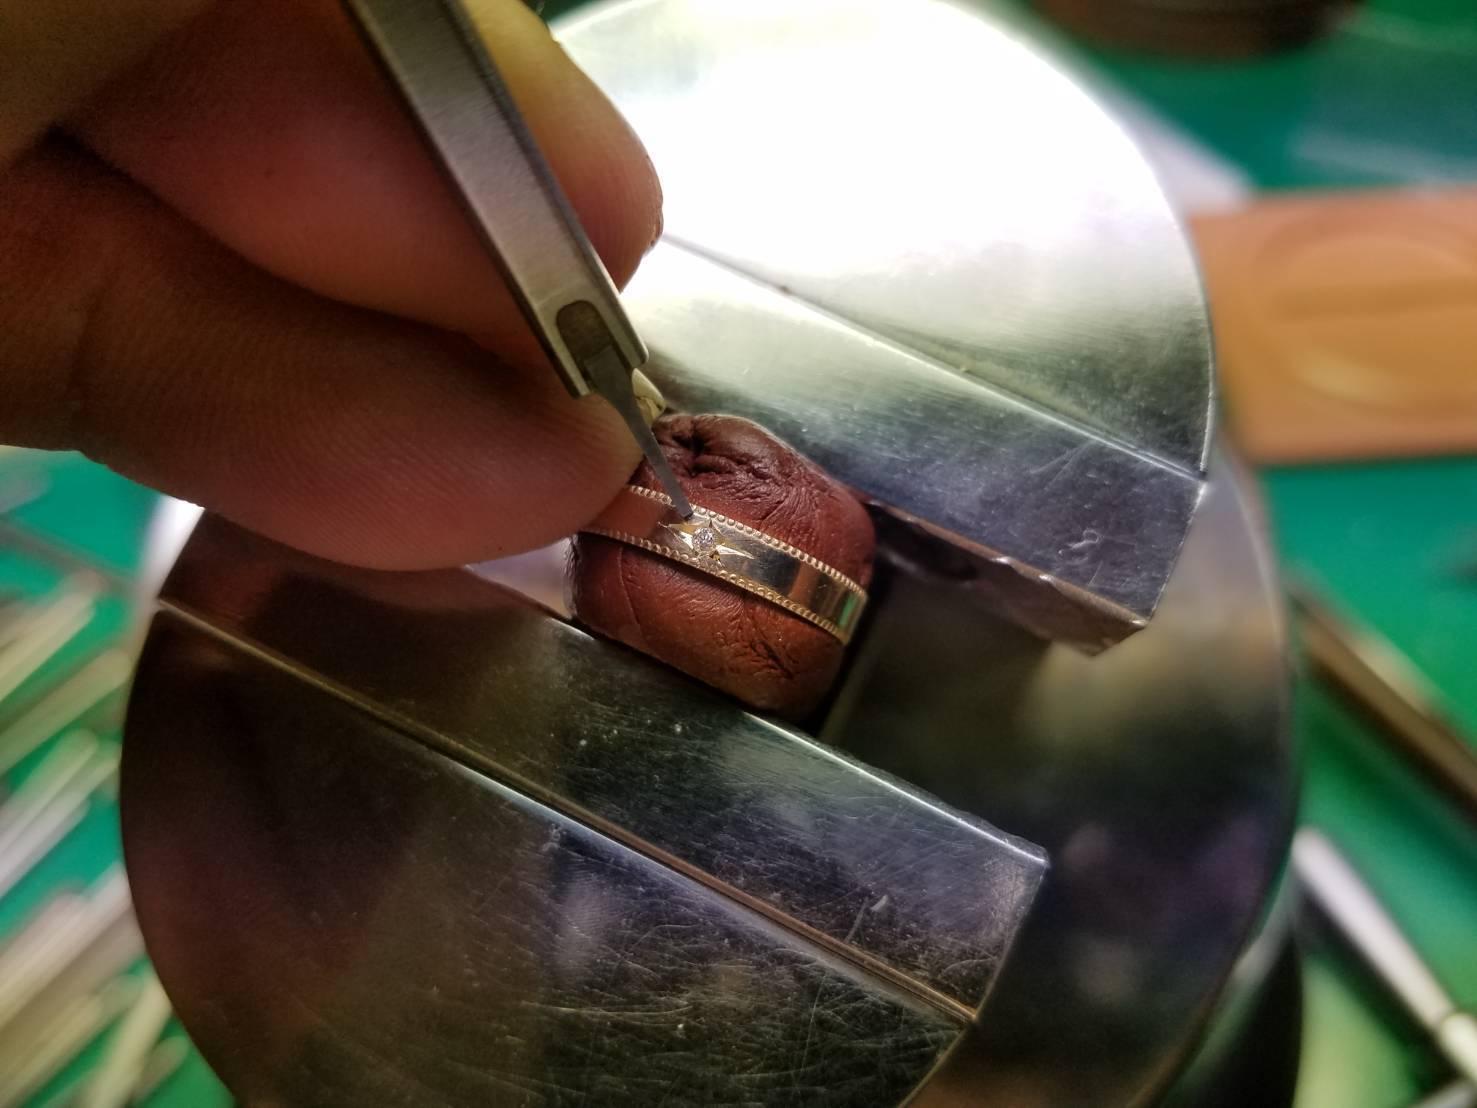 結婚指輪を探しているあなたへ_a0155932_11313317.jpg